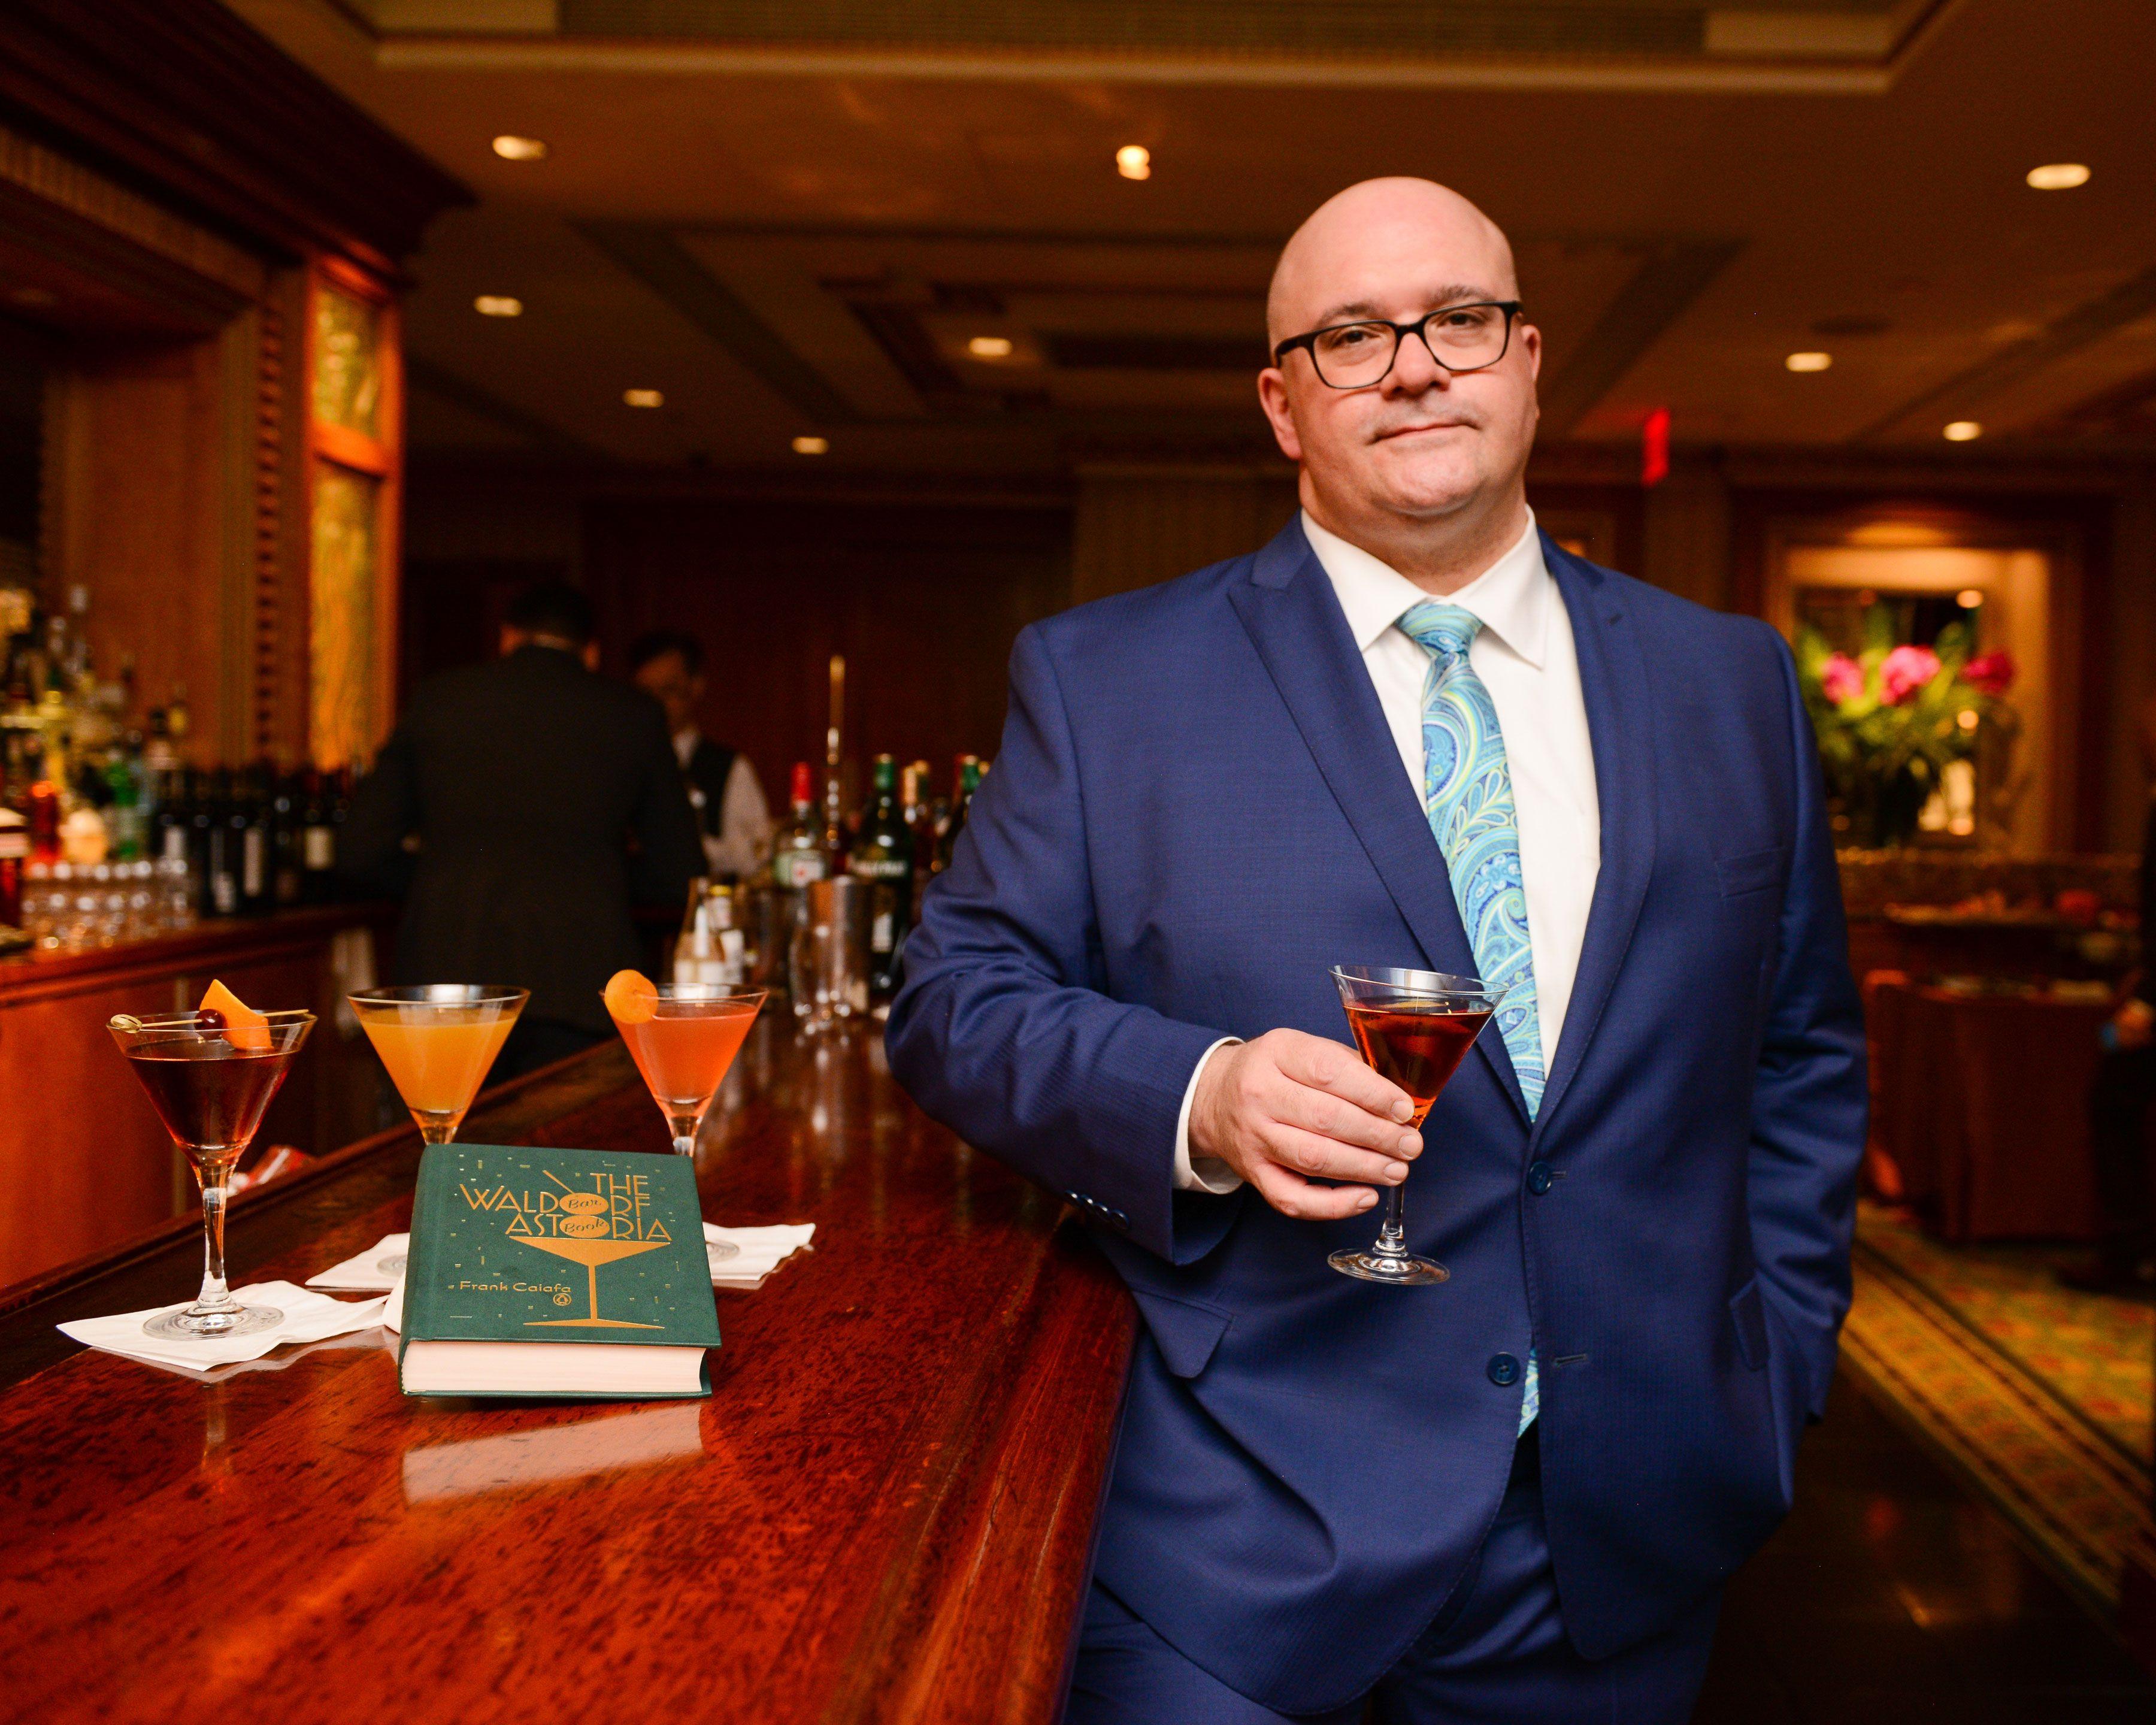 Frank Caiafa's New Book Reveals the Cocktail Secrets of the Waldorf Astoria